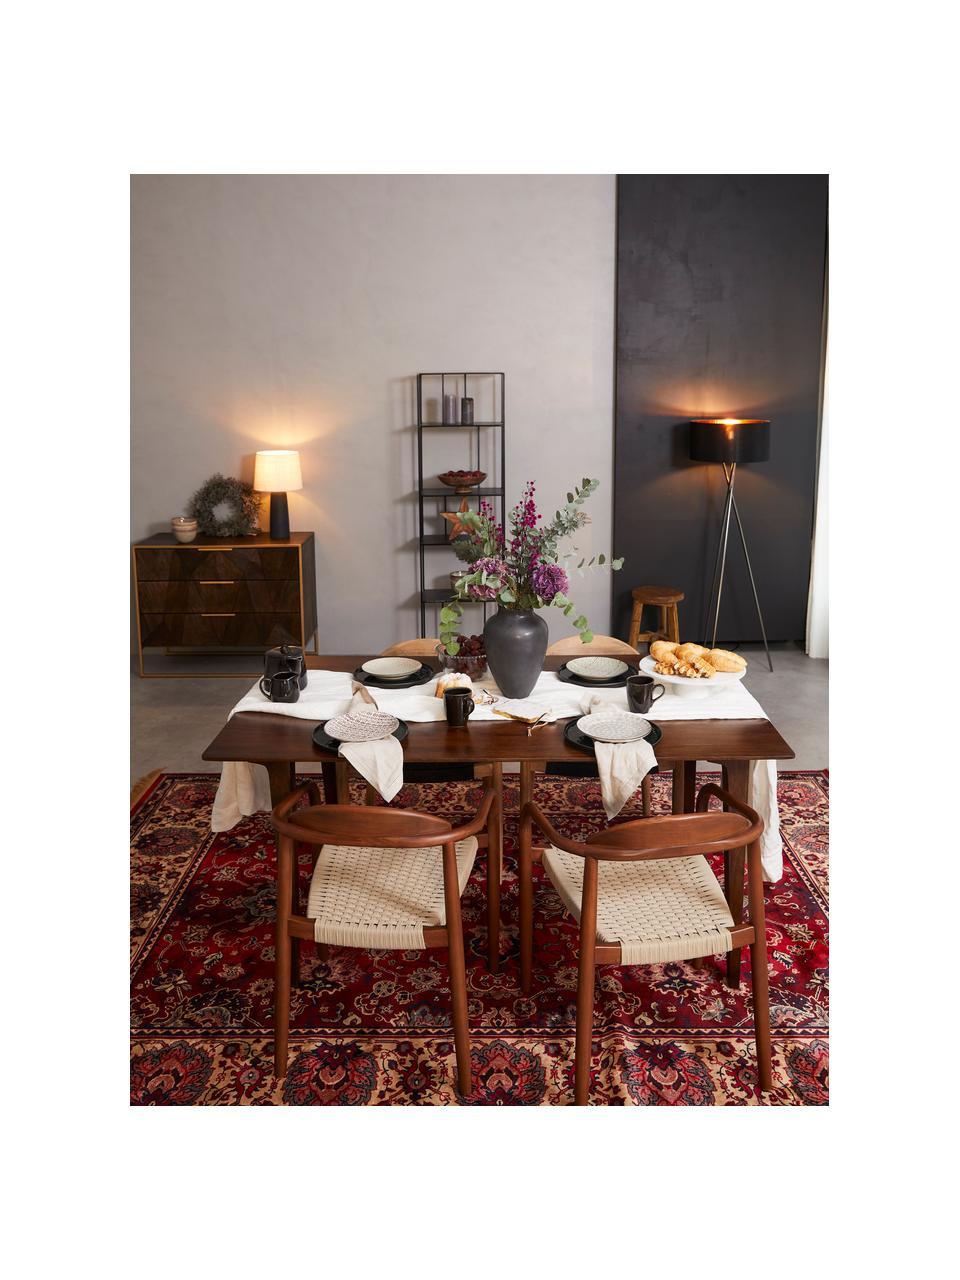 Krzesło z podłokietnikami z litego drewna Glynis, Stelaż: lite drewno eukaliptusowe, Brązowy, beżowy, S 56 x G 53 cm